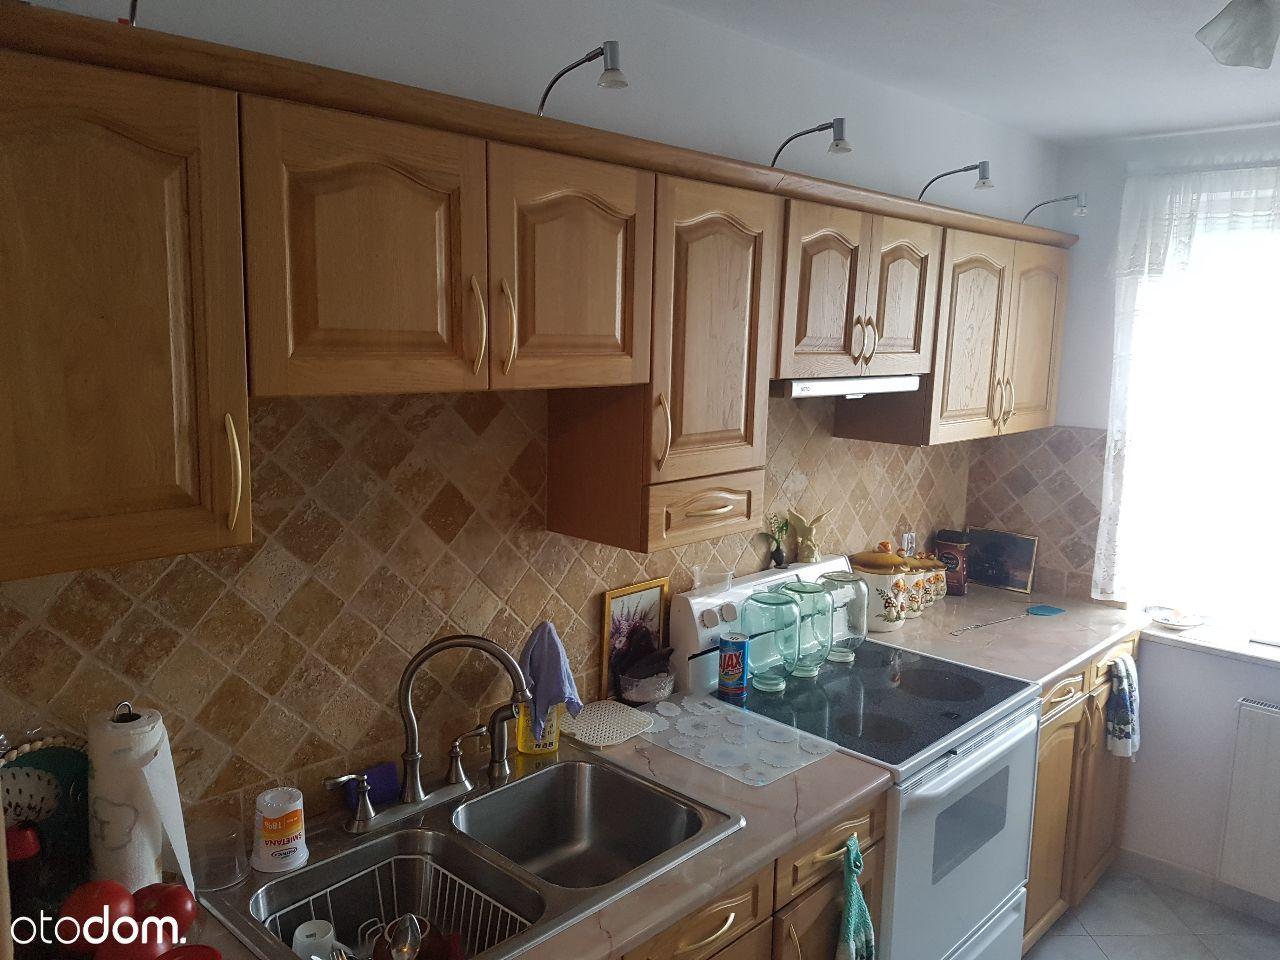 Mieszkanie na sprzedaż, Augustów, augustowski, podlaskie - Foto 3